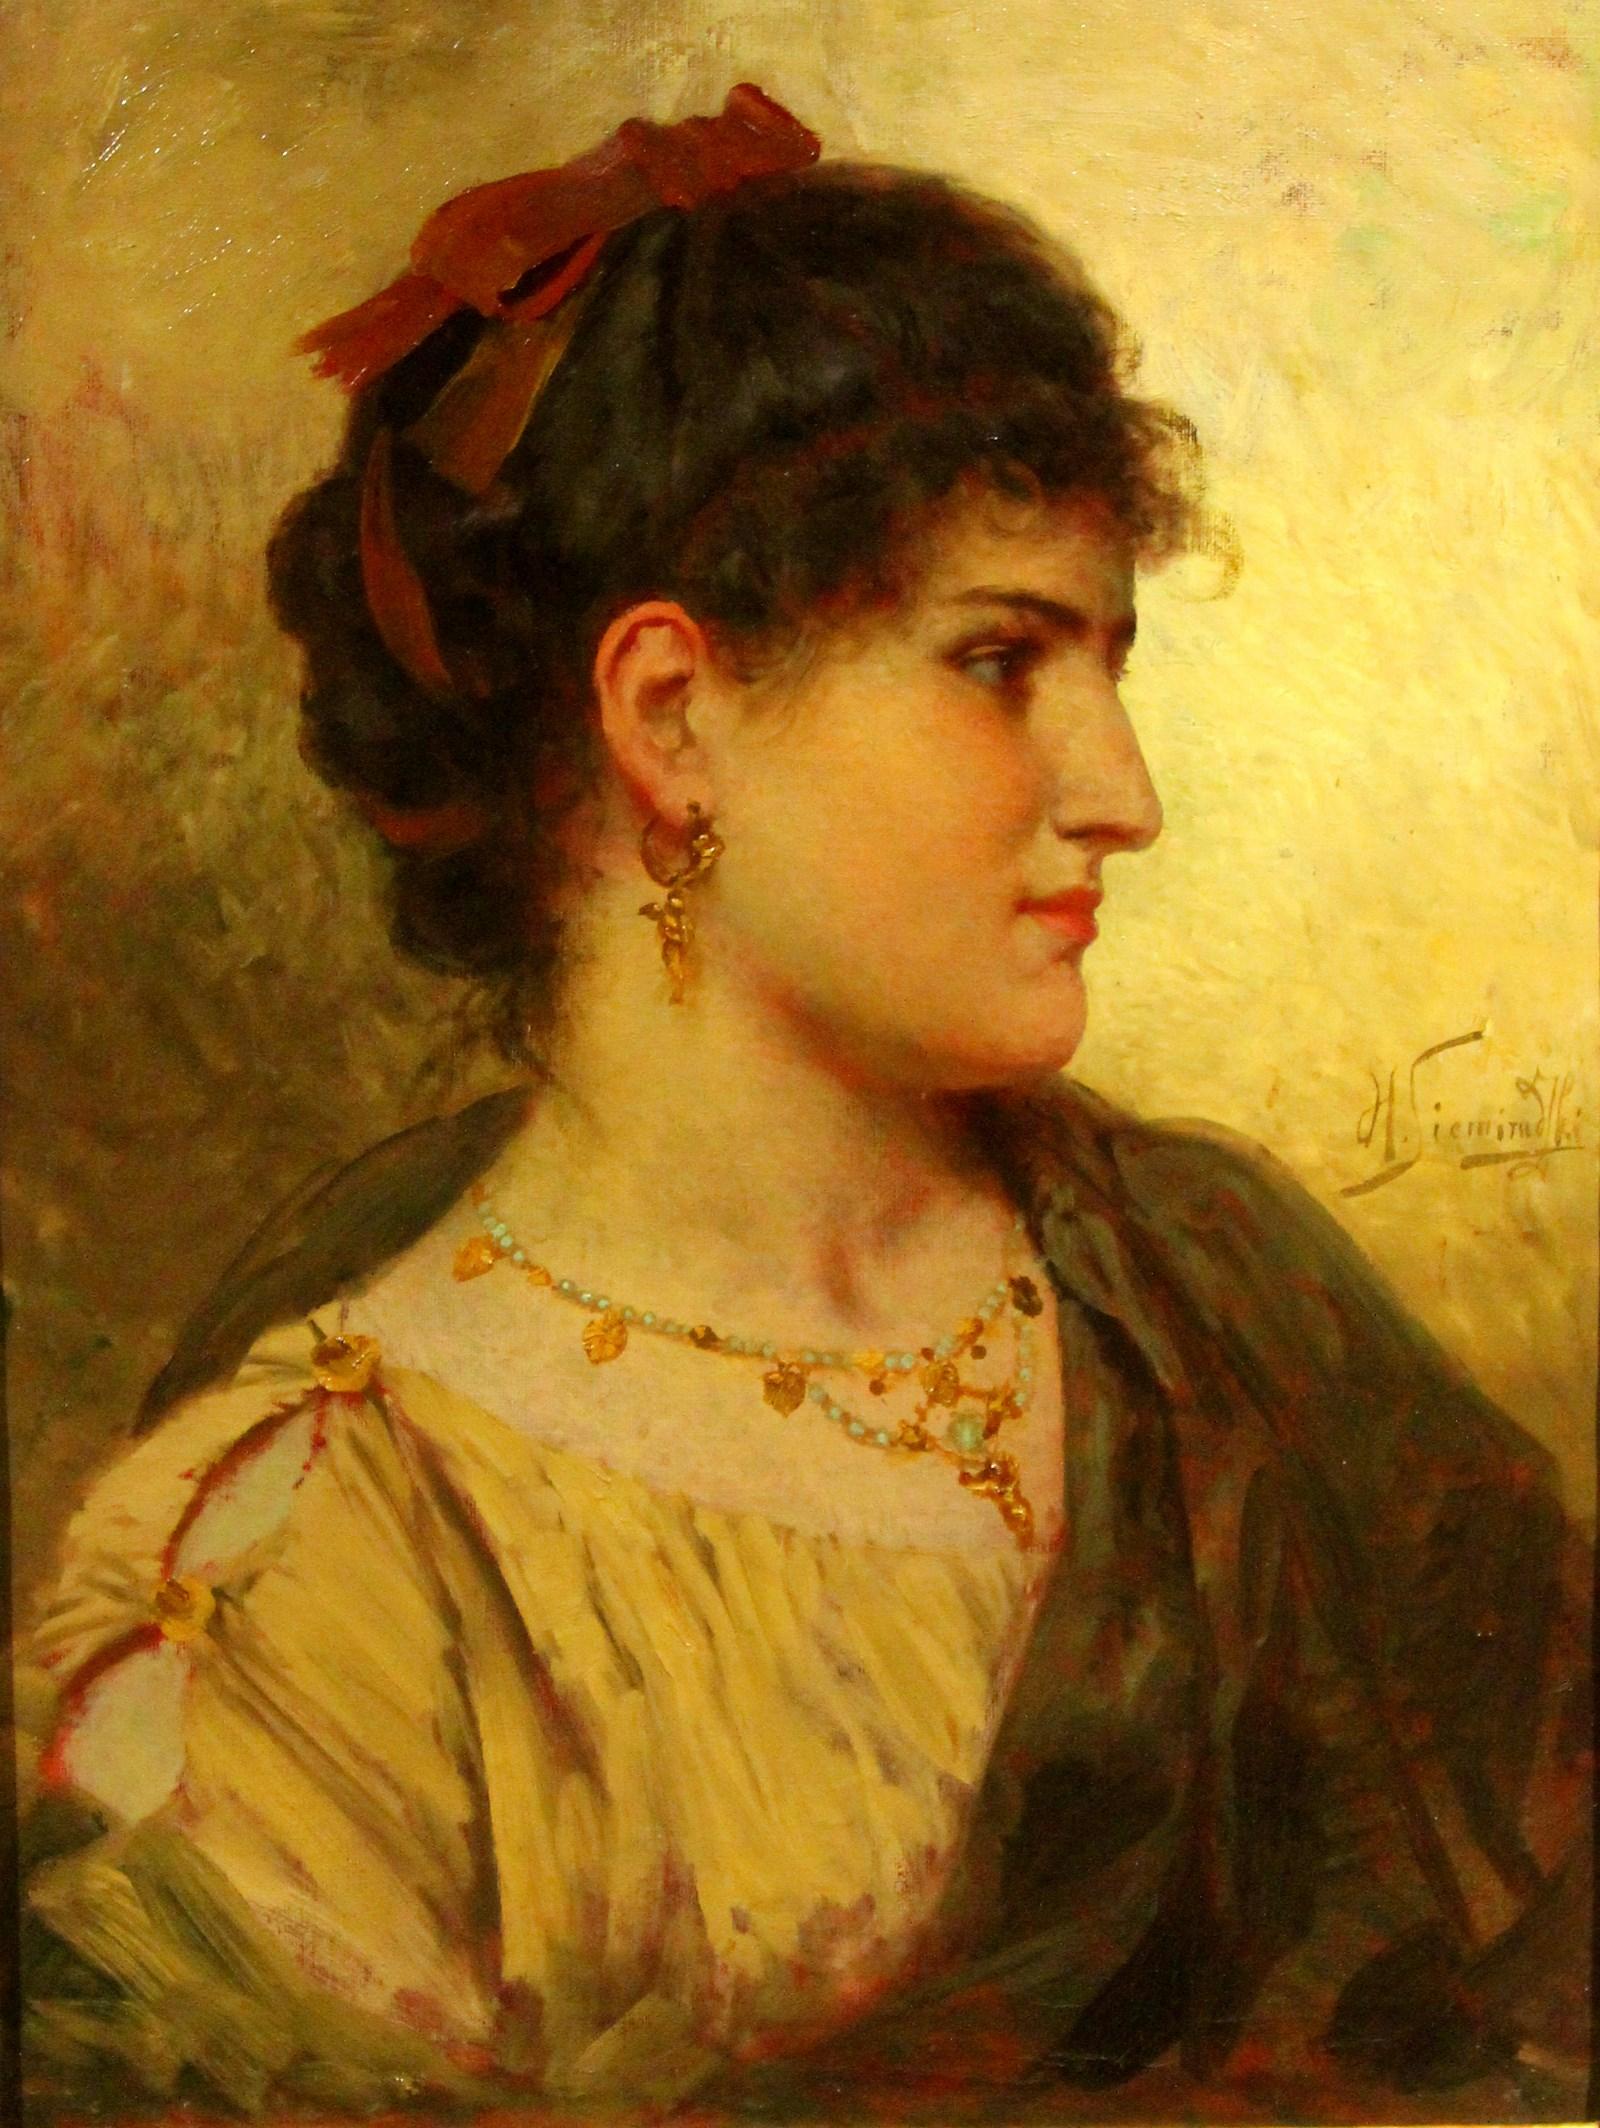 Семирадский Г.И. 1843-1902 Портрет молодой женщины (Римлянка). До 1896 Холст, масло. Латвийский Национальный художественный музей